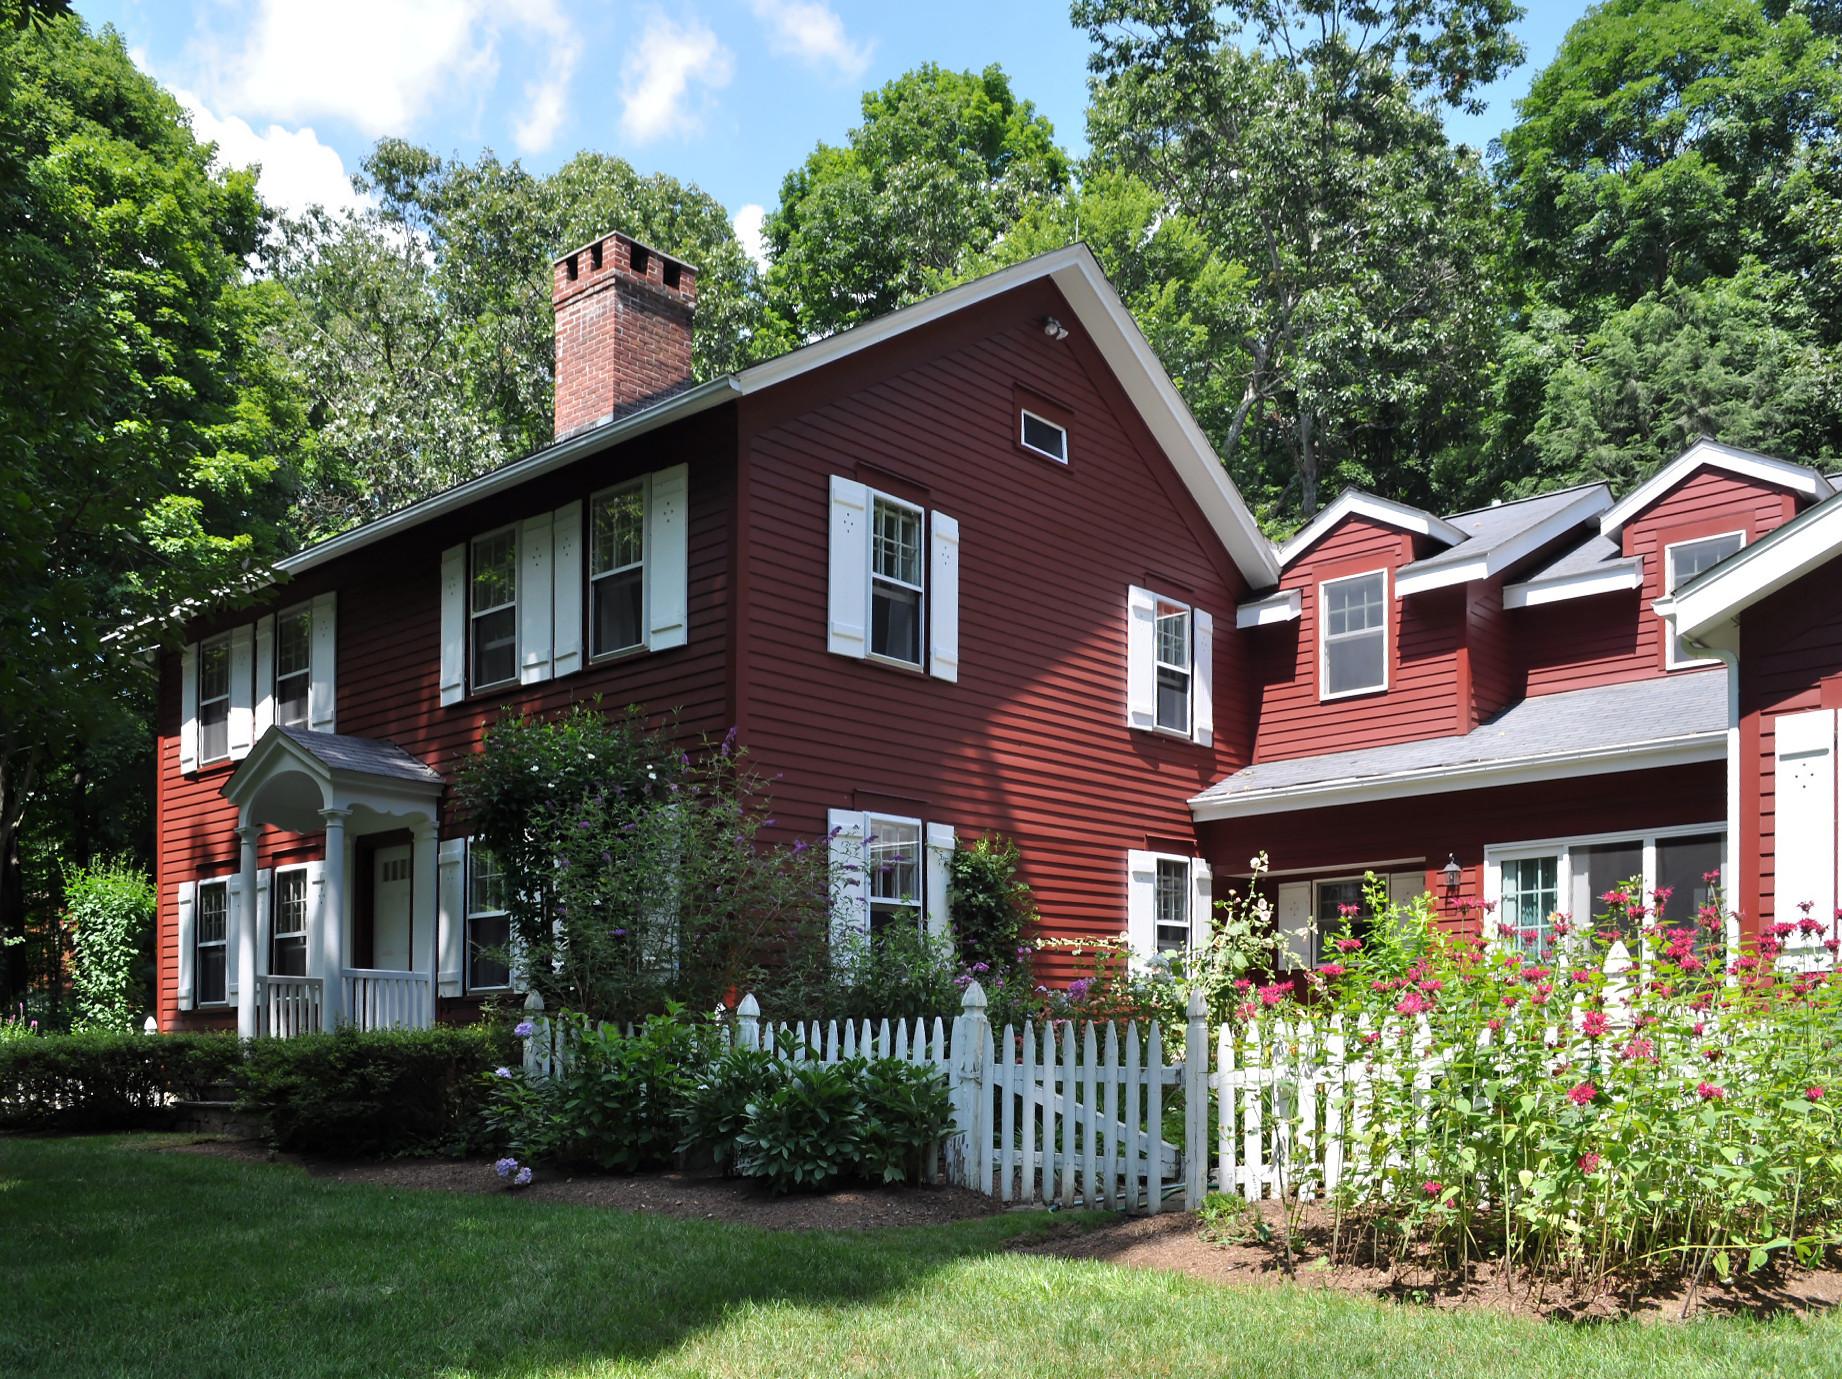 Maison unifamiliale pour l Vente à The Cass Gilbert House 56 River Rd Roxbury, Connecticut, 06783 États-Unis